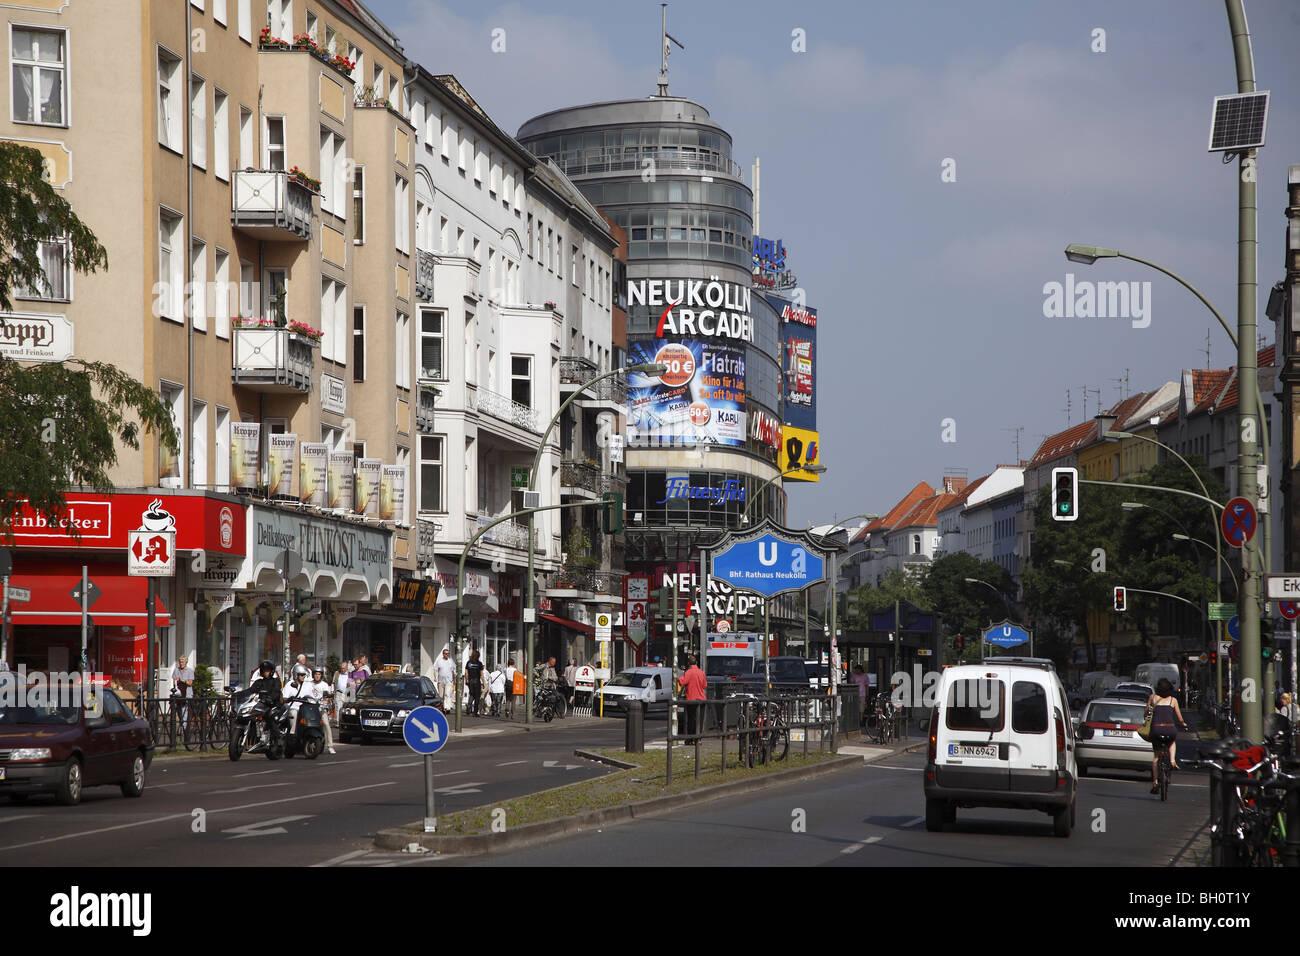 Neukölln Arcaden Geschäfte : berlin neukoelln arcaden arcade karl marx strasse street ~ A.2002-acura-tl-radio.info Haus und Dekorationen